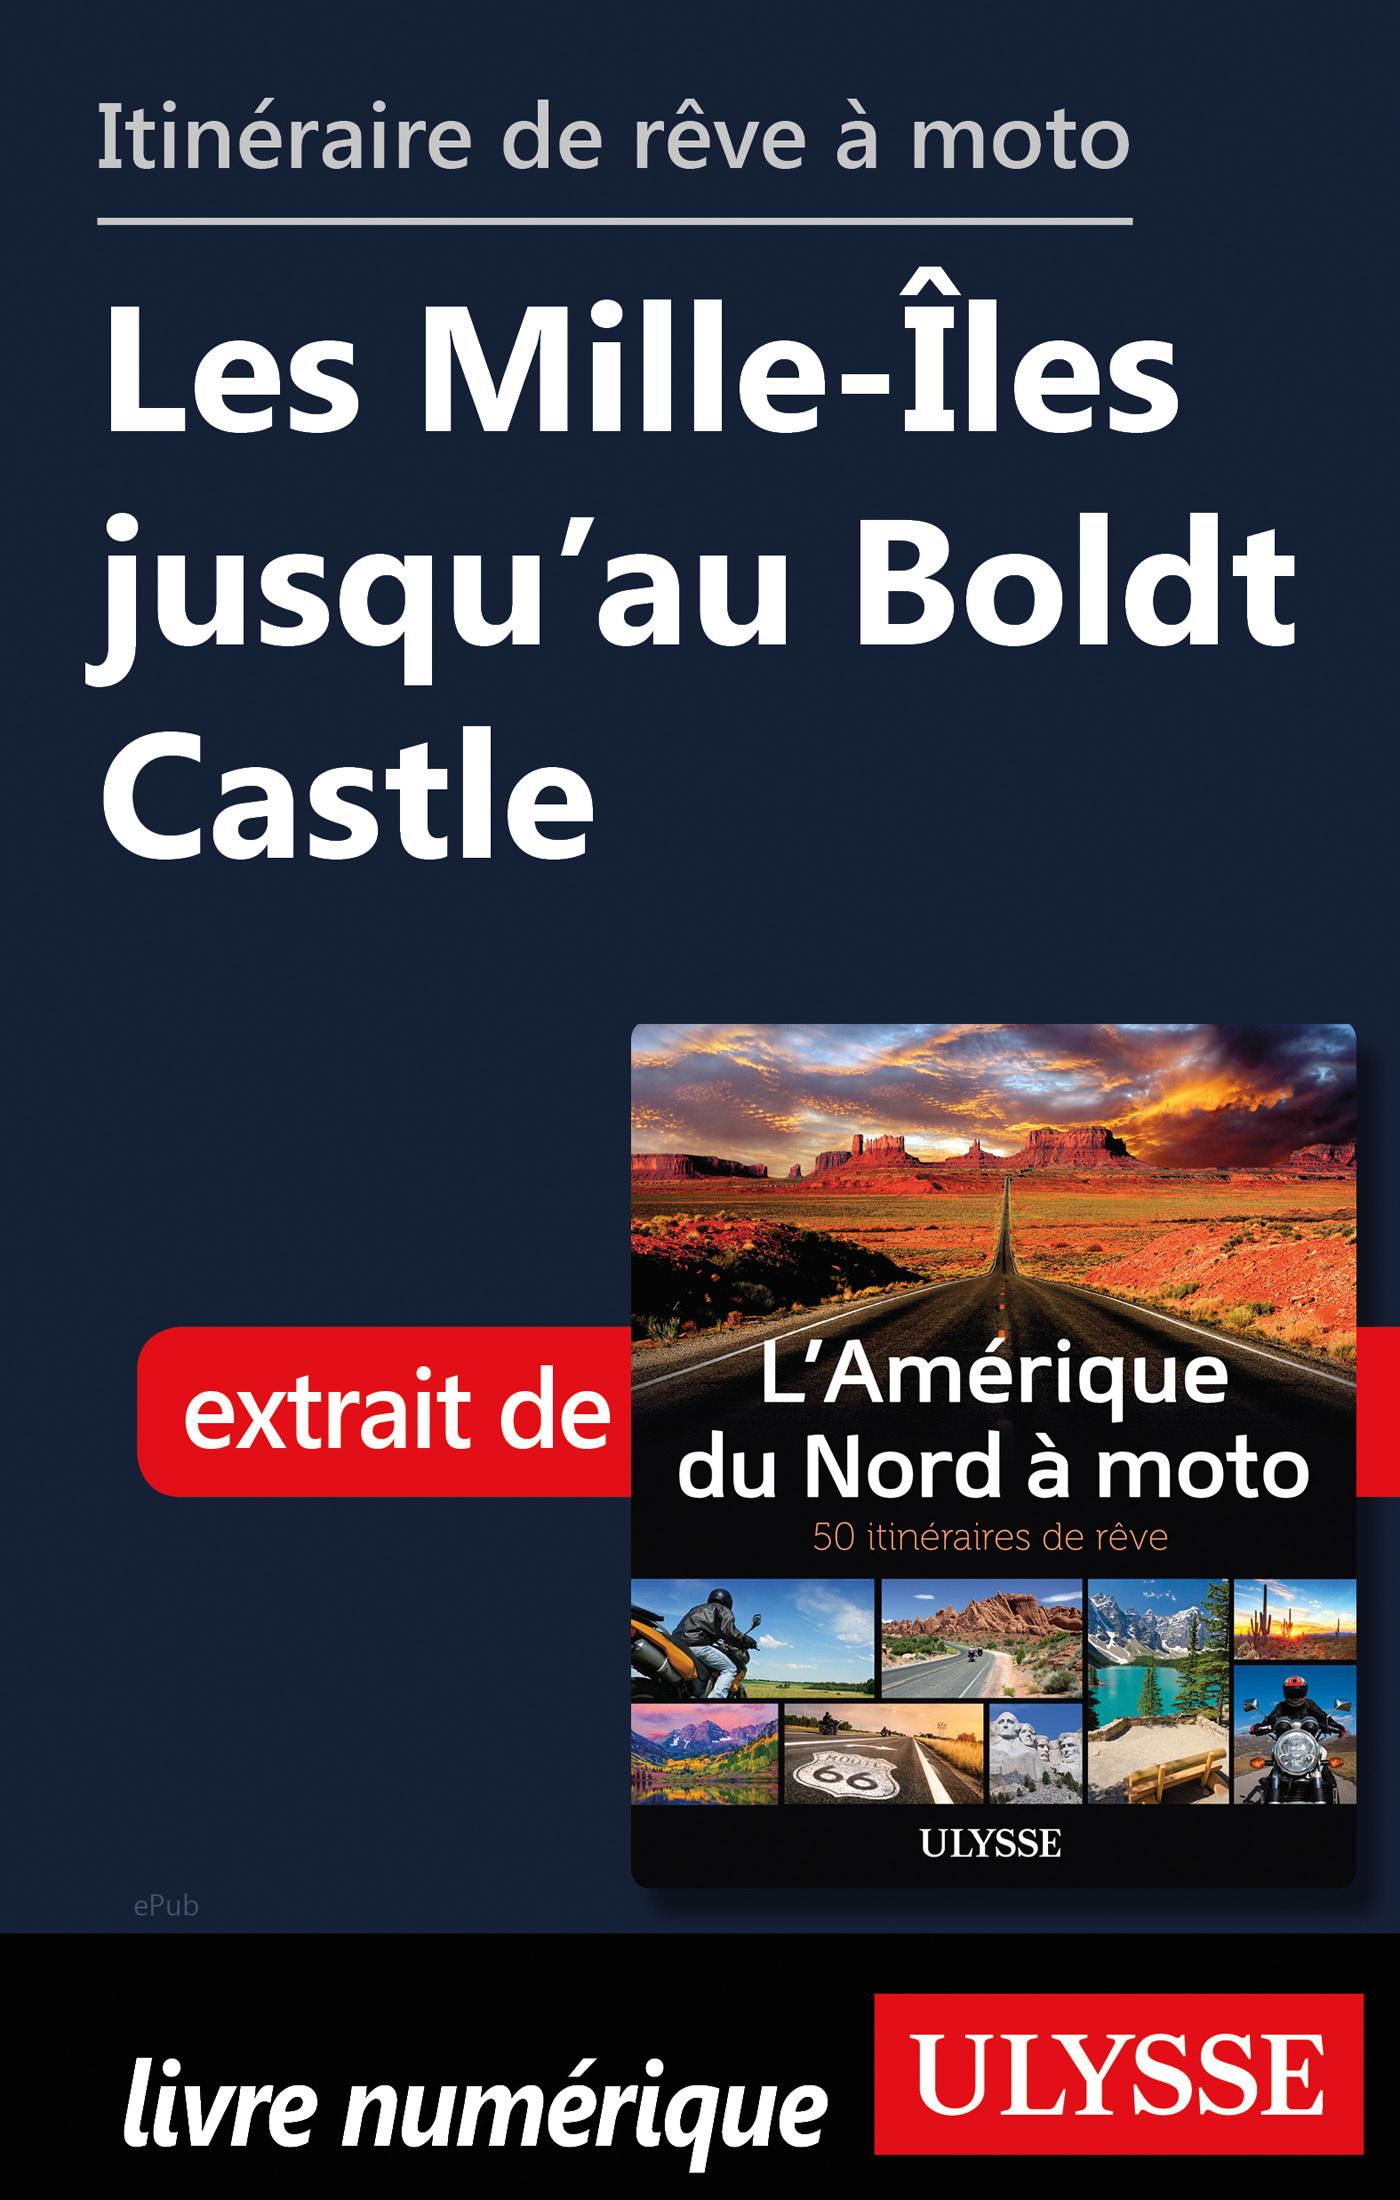 Itinéraire de rêve moto - Les Mille-Iles jusqu'au Boldt Castle